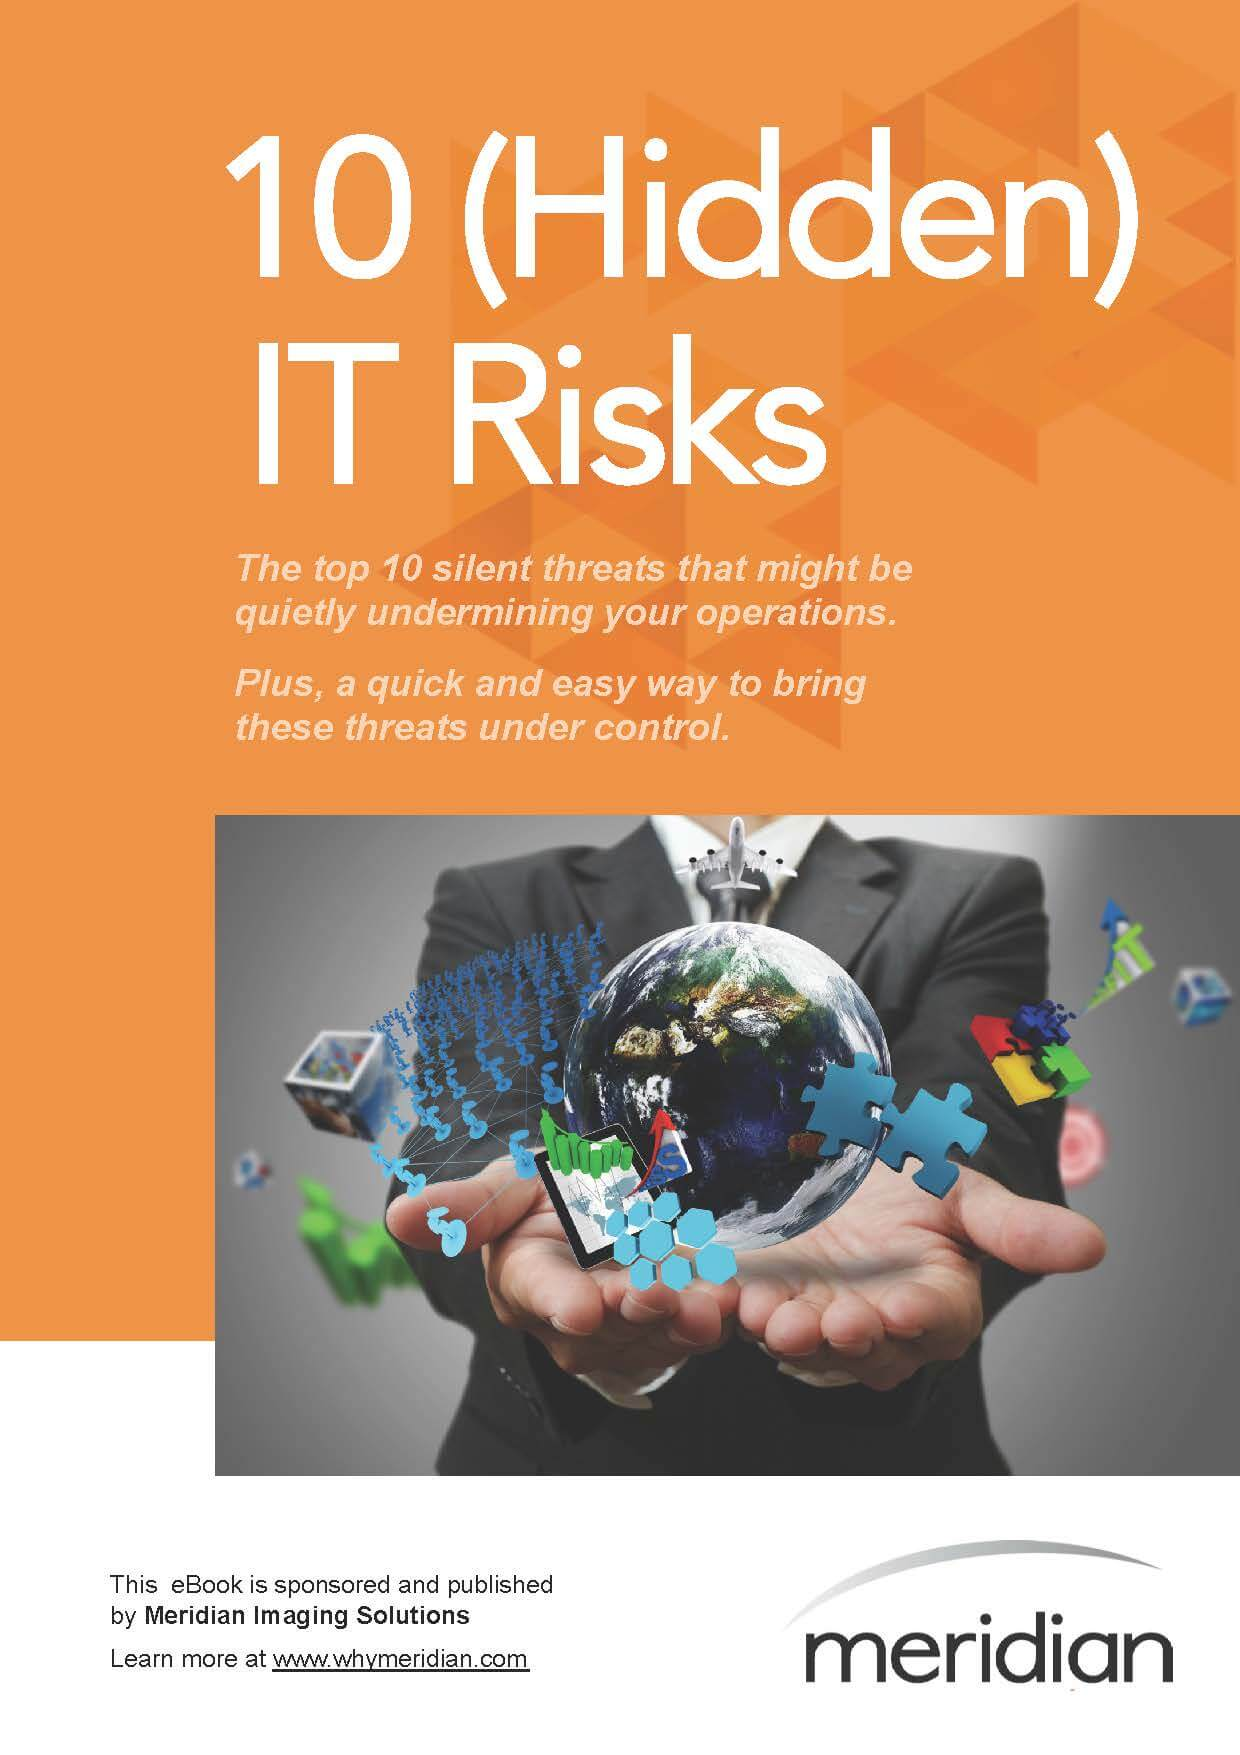 10-Hidden-IT-Risks-eBook-Cover